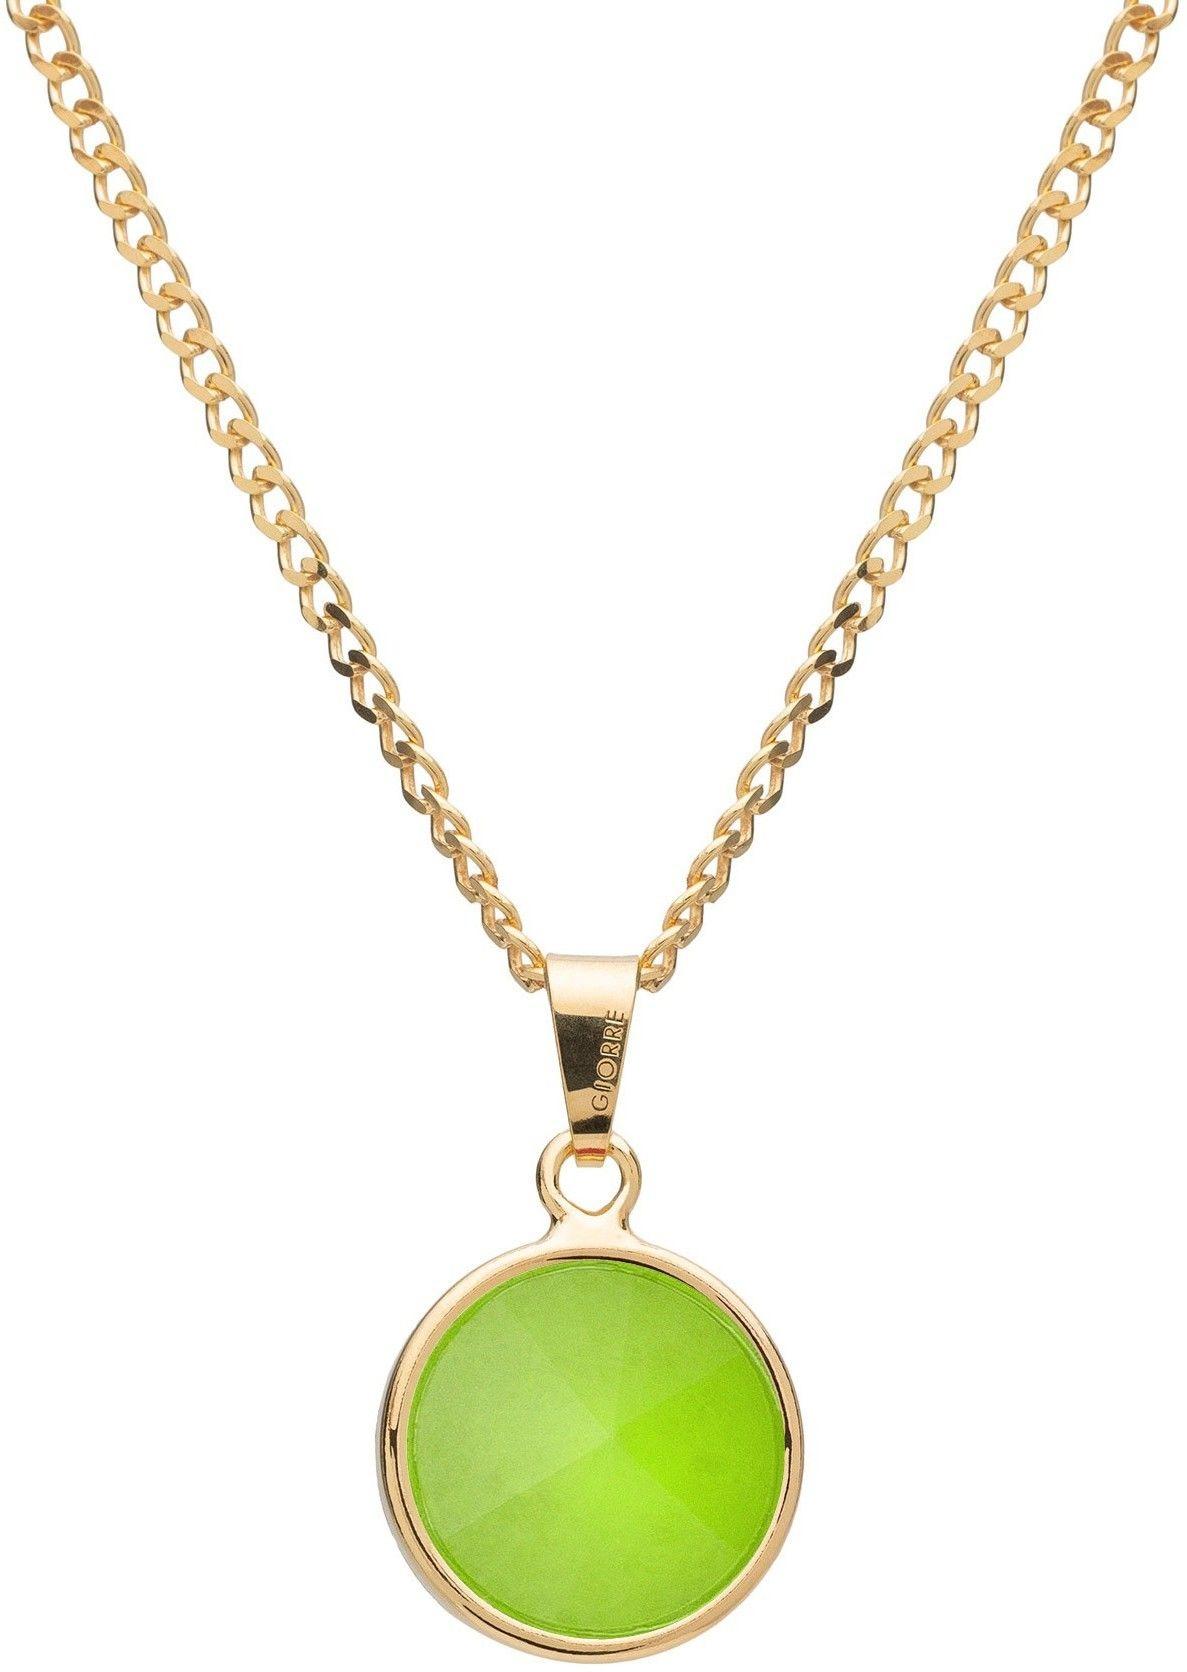 Srebrny naszyjnik z naturalnym kamieniem - chryzopraz srebro 925 : Długość (cm) - 40 + 5 , Kamienie naturalne - kolor - chryzopraz zielony jasny, Srebro - kolor pokrycia - Pokrycie żółtym 18K złotem